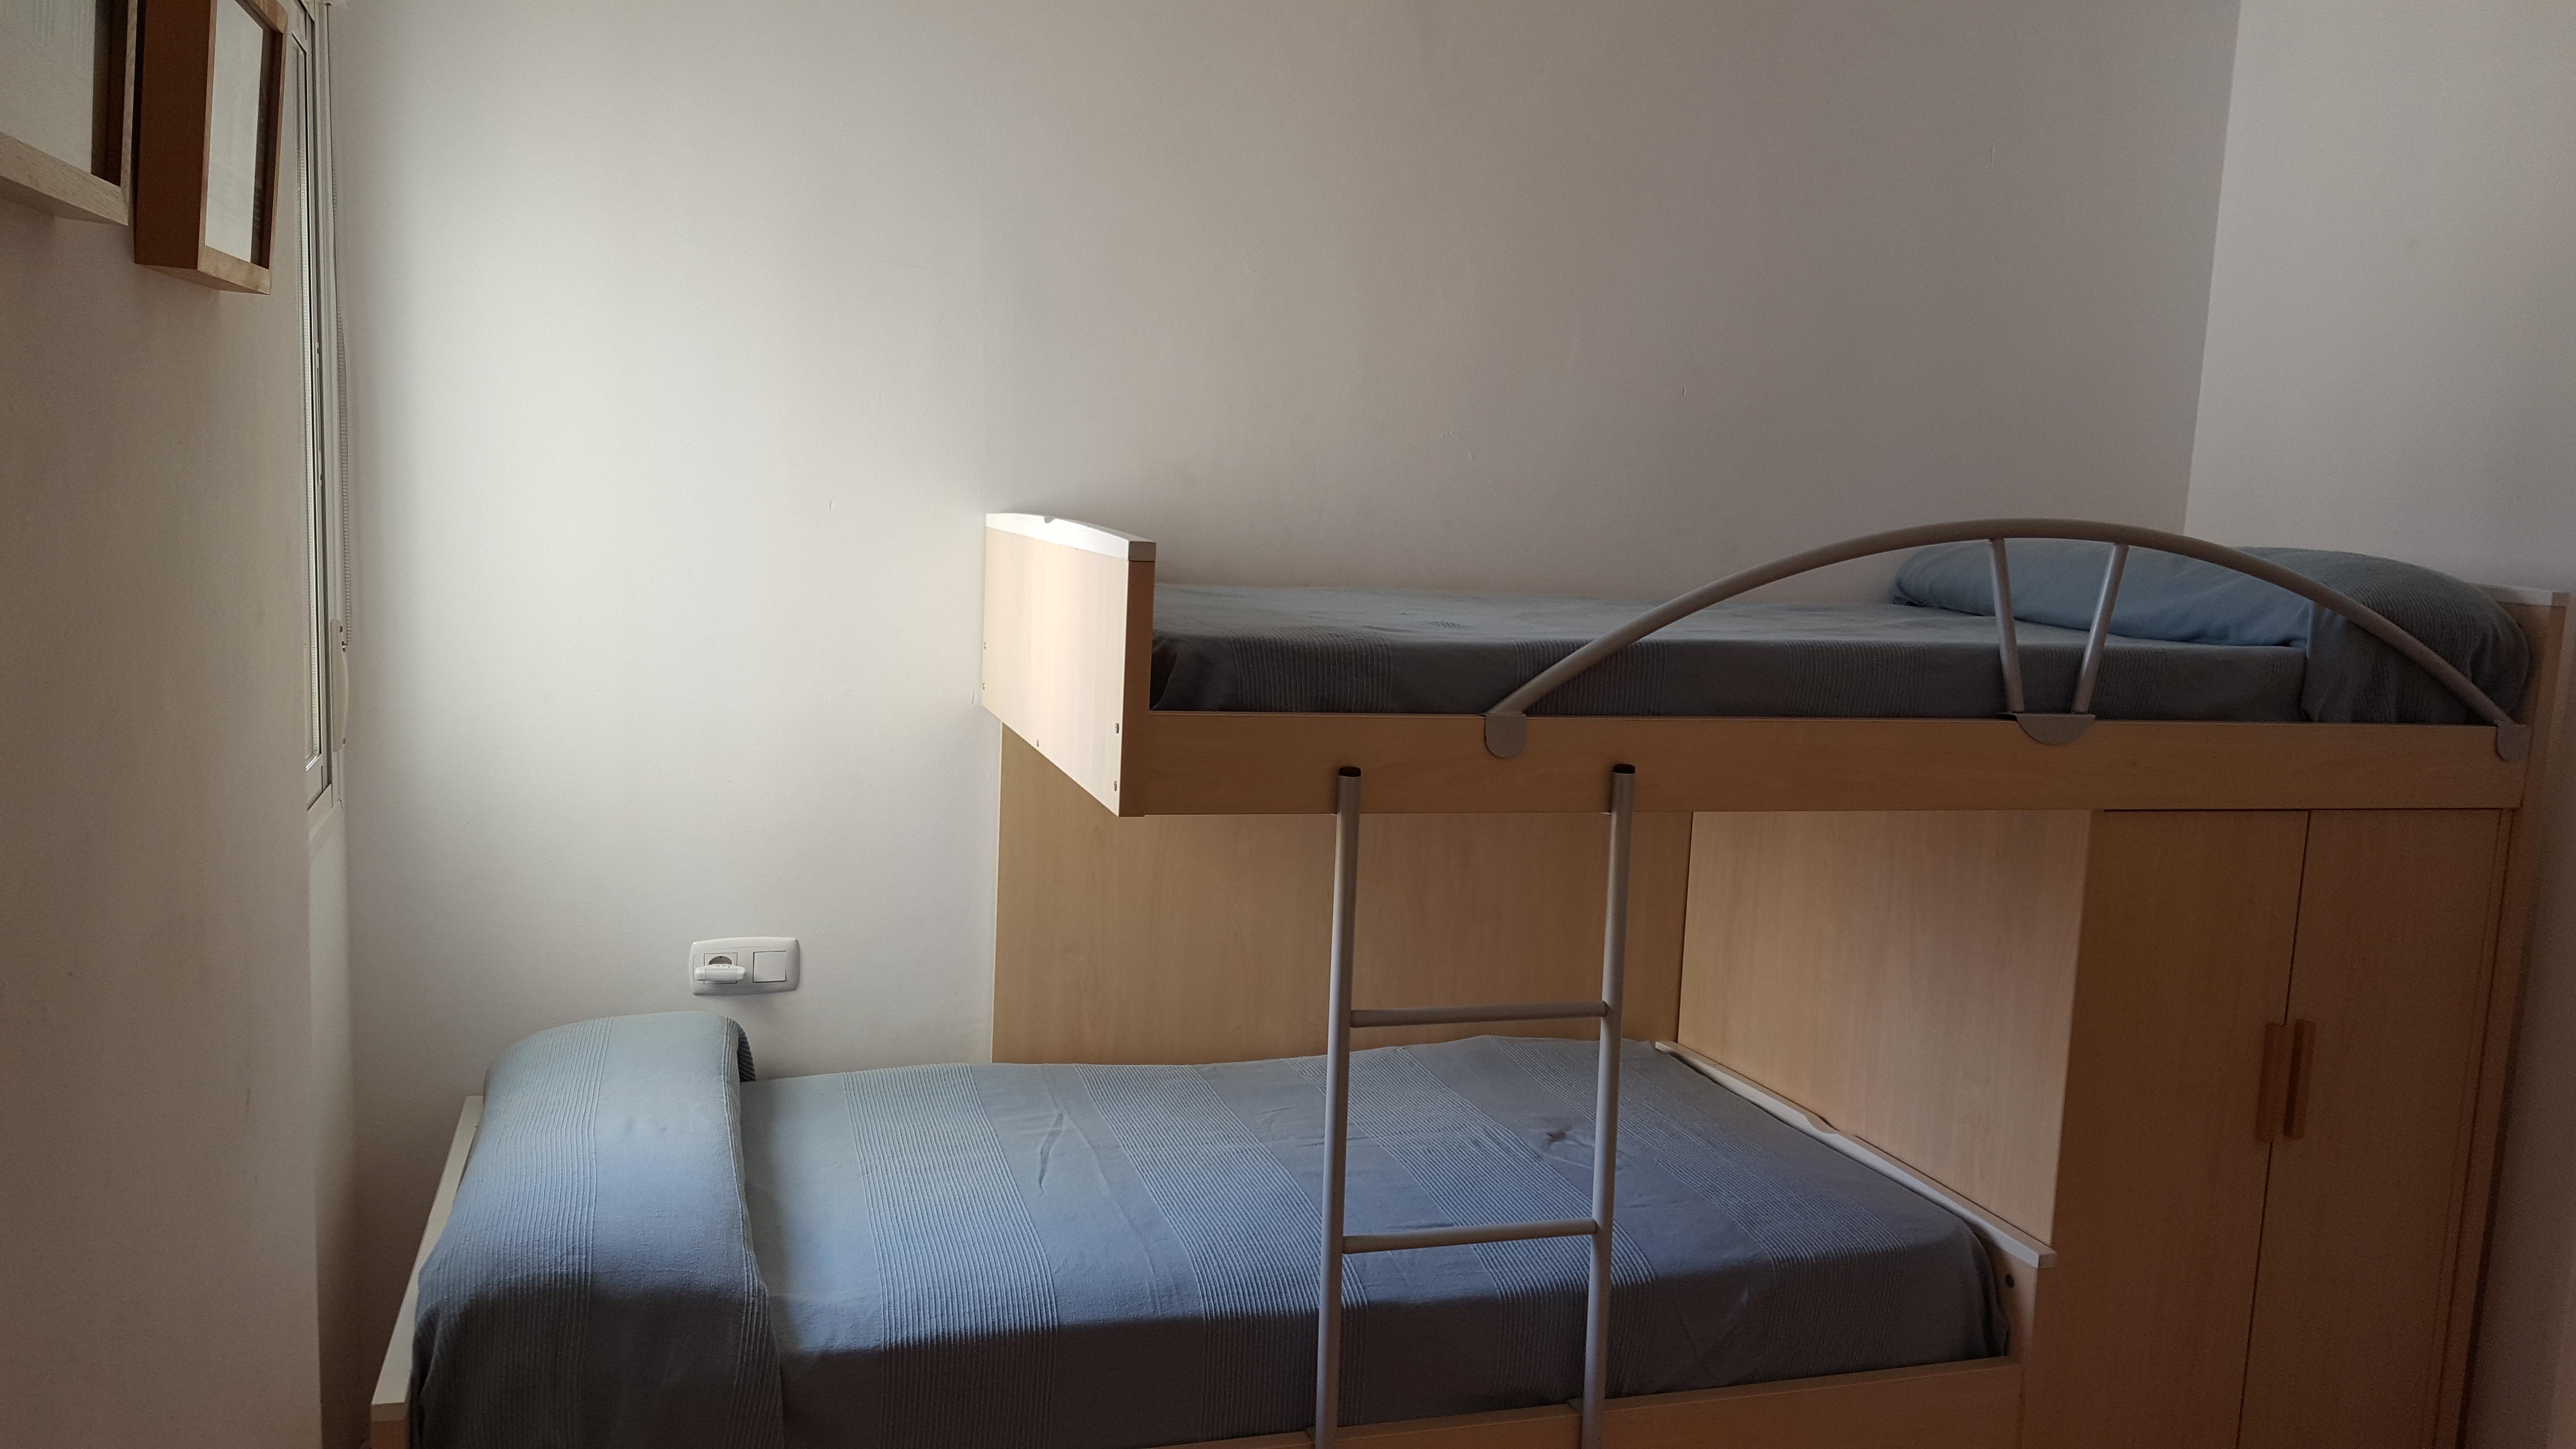 Ferienwohnung 3 Schlafzimmer Wohnung zu vermieten in Mojcar, Spanien (2388895), Mojacar, Costa de Almeria, Andalusien, Spanien, Bild 18